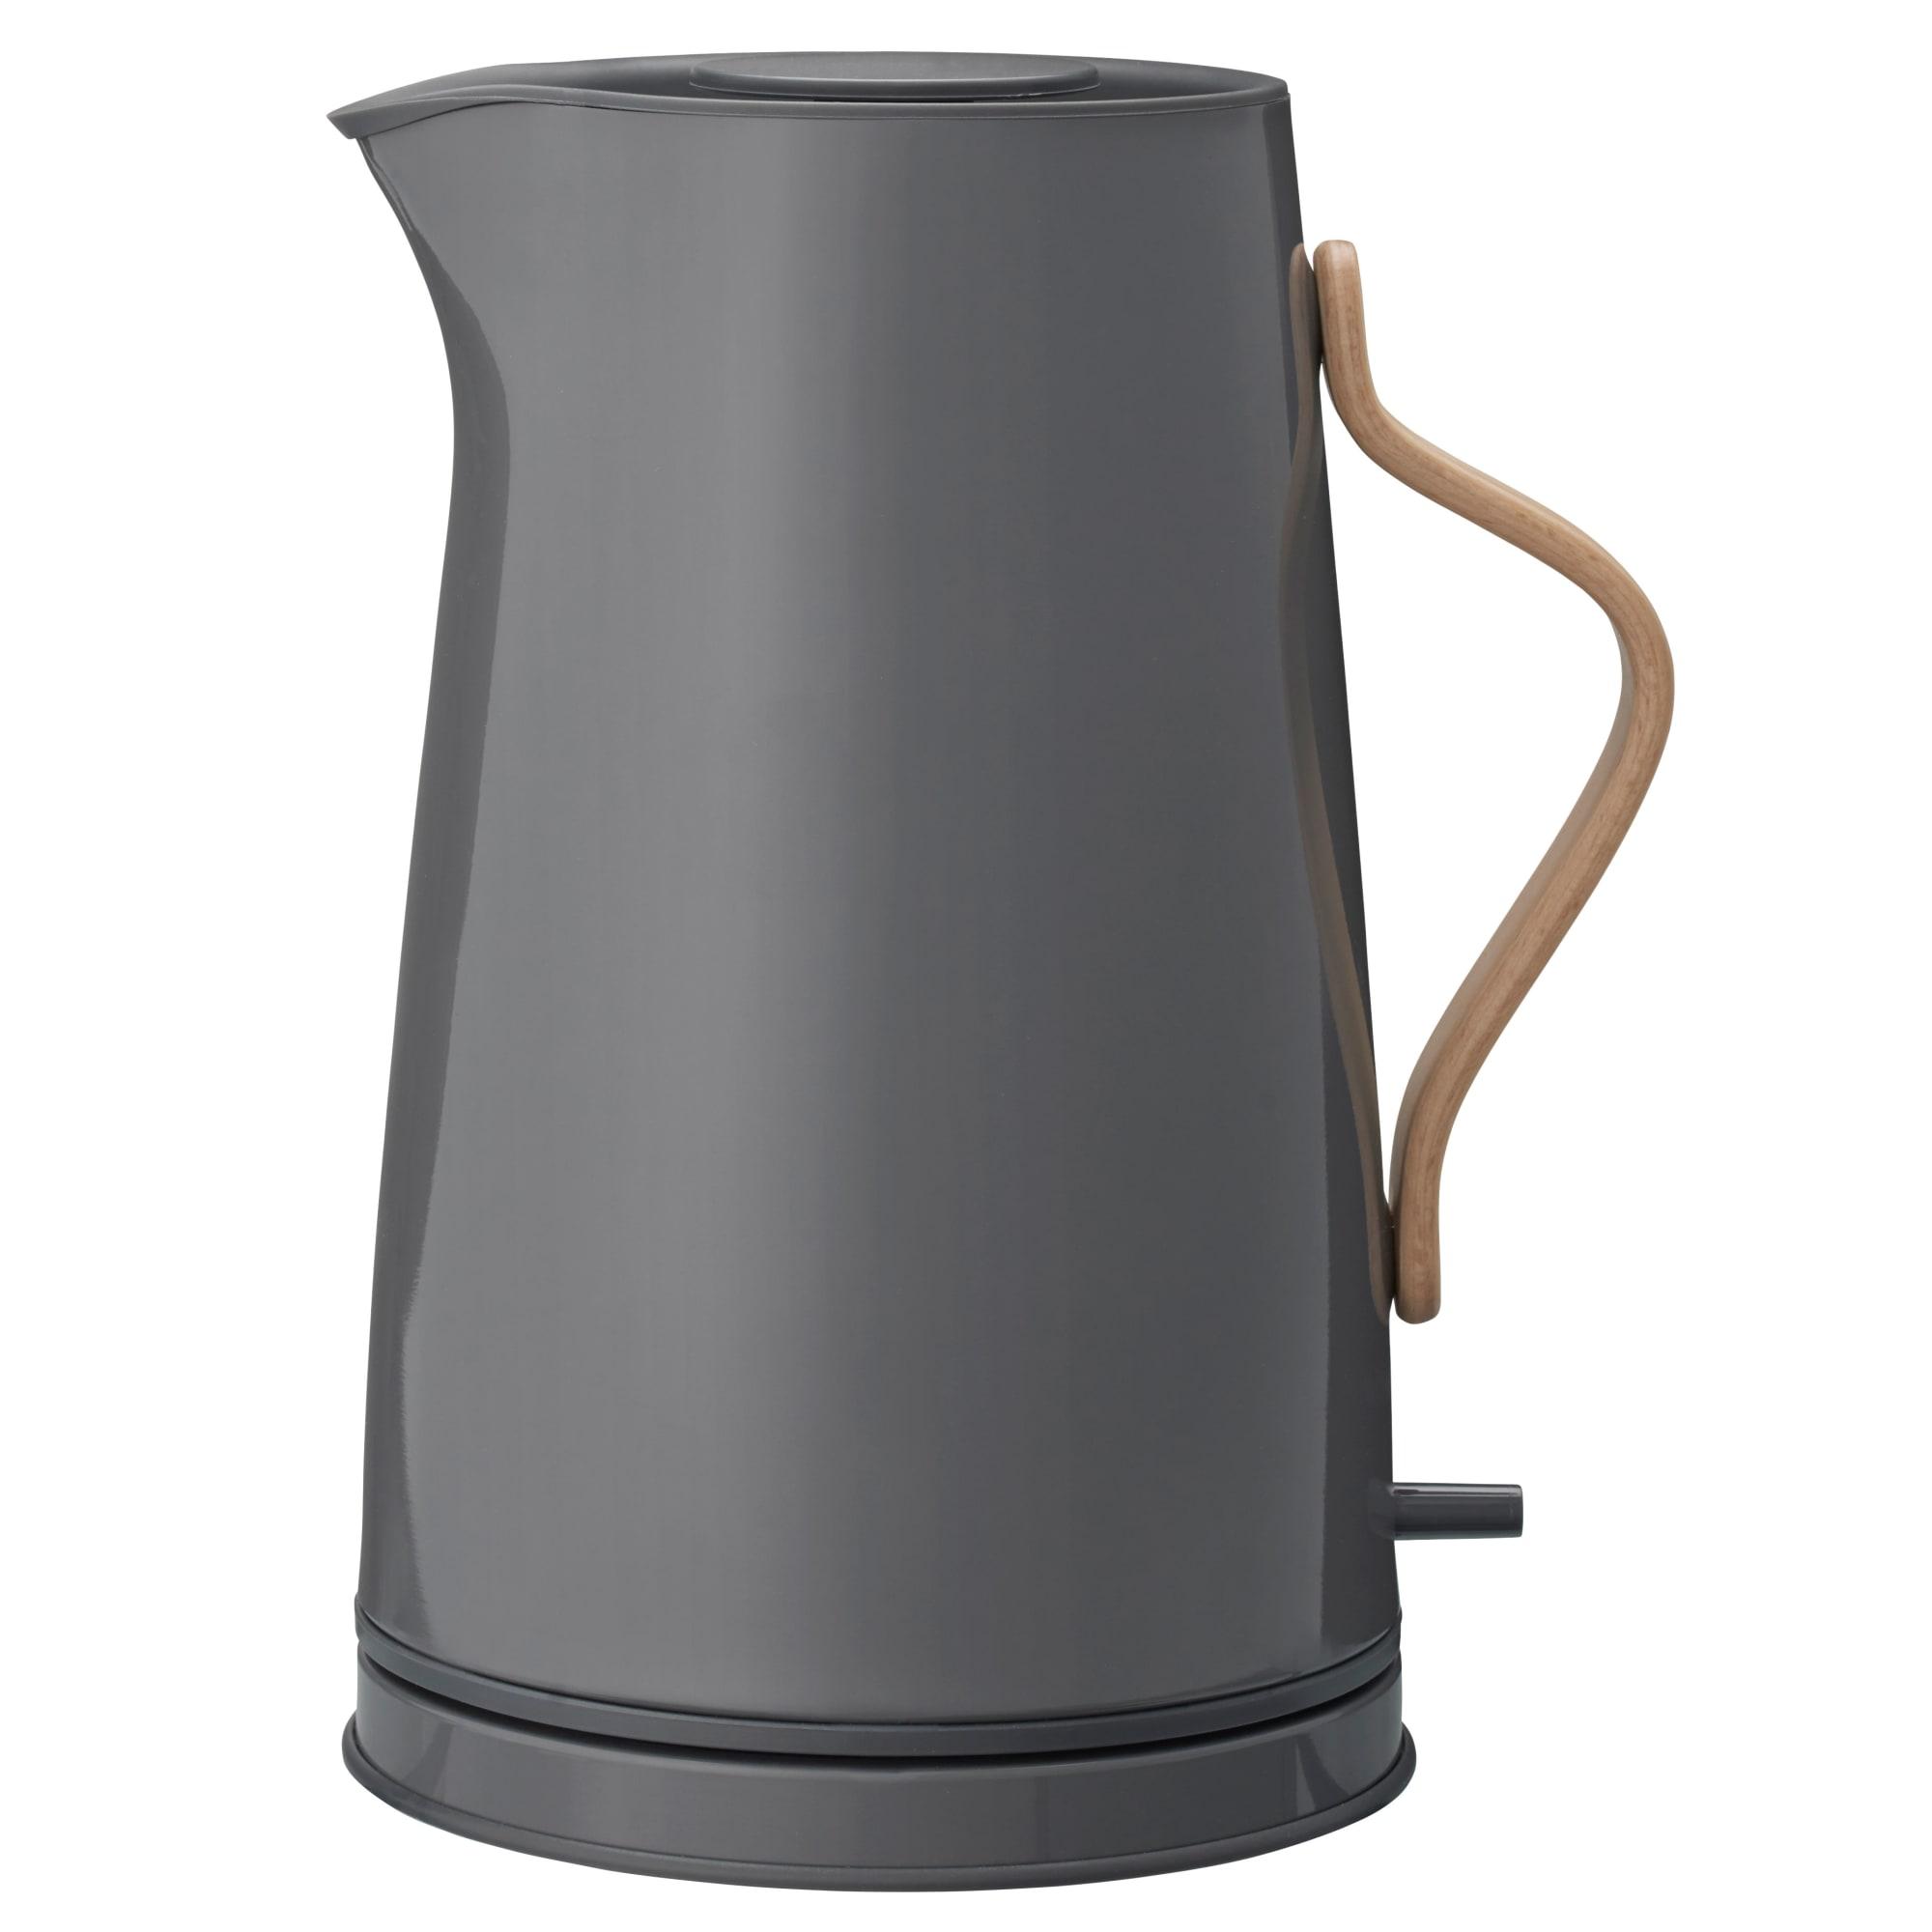 1,2 liter - Designet af HolmbäckNordentoft